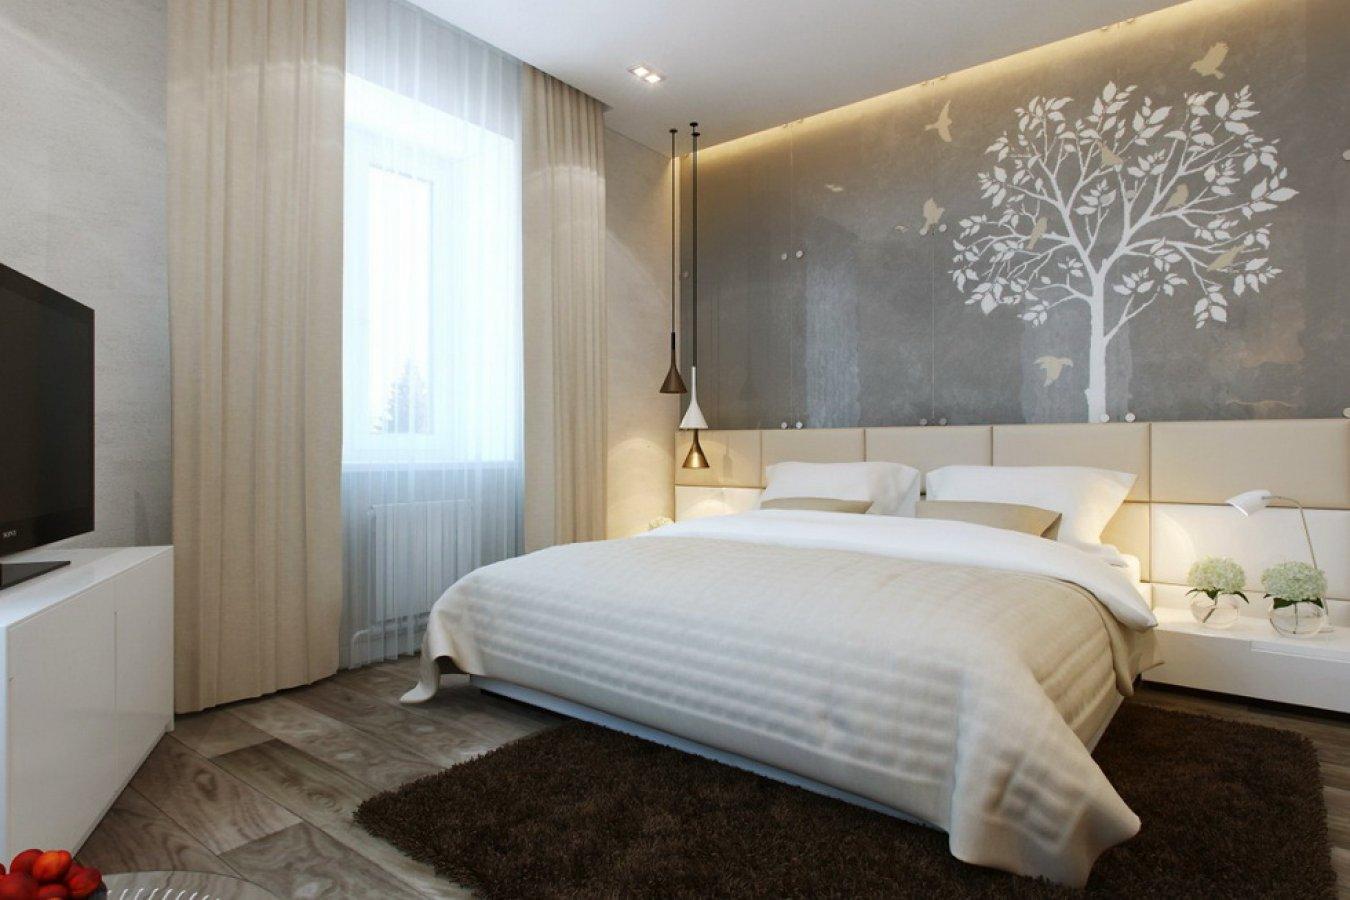 Простой дизайн спальни своими руками: видео-инструкция по красивому 54